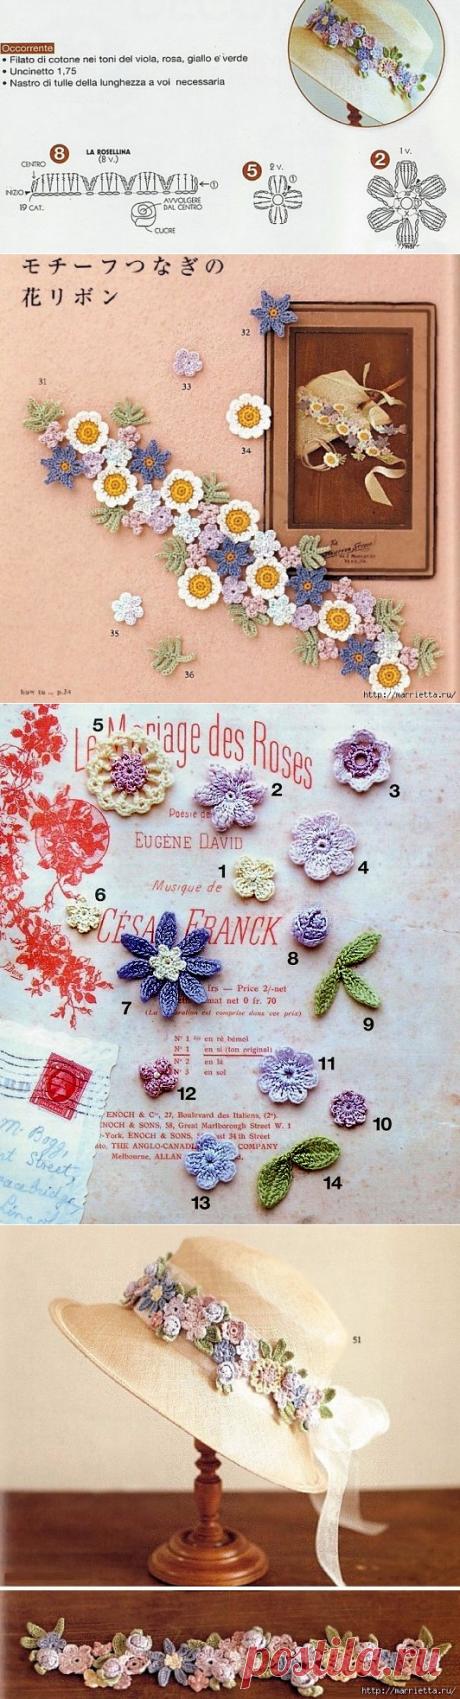 Красивый цветочный ободок для шляпки: вязание крючком — Сделай сам, идеи для творчества - DIY Ideas